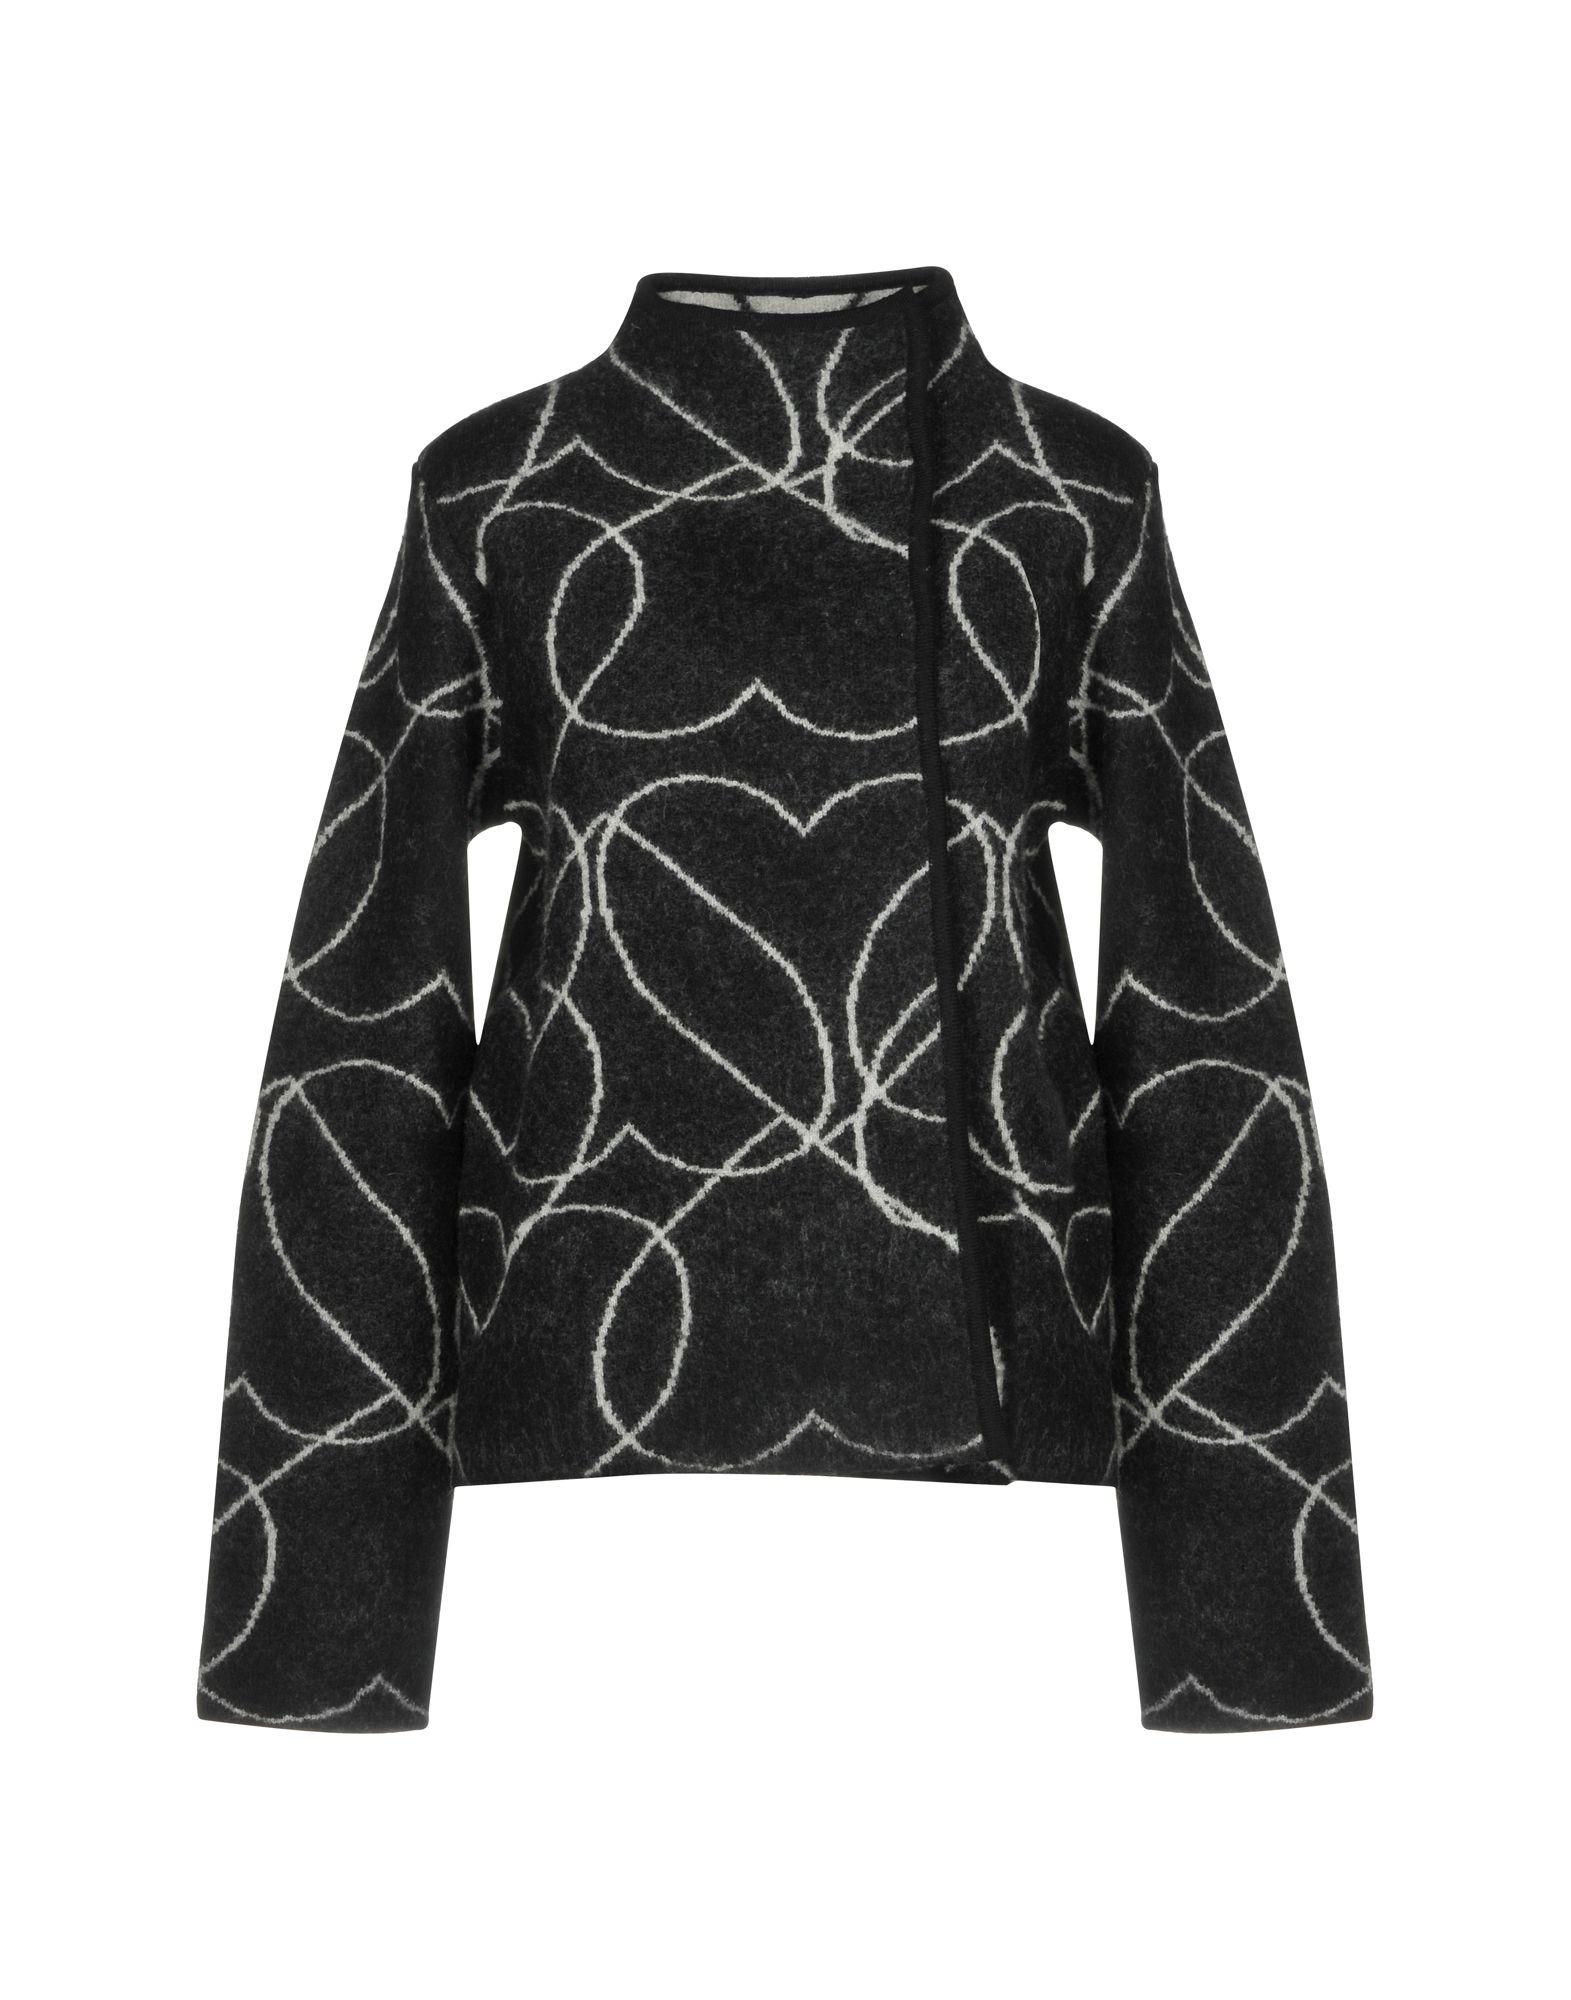 ARMANI JEANS Coat in Grey